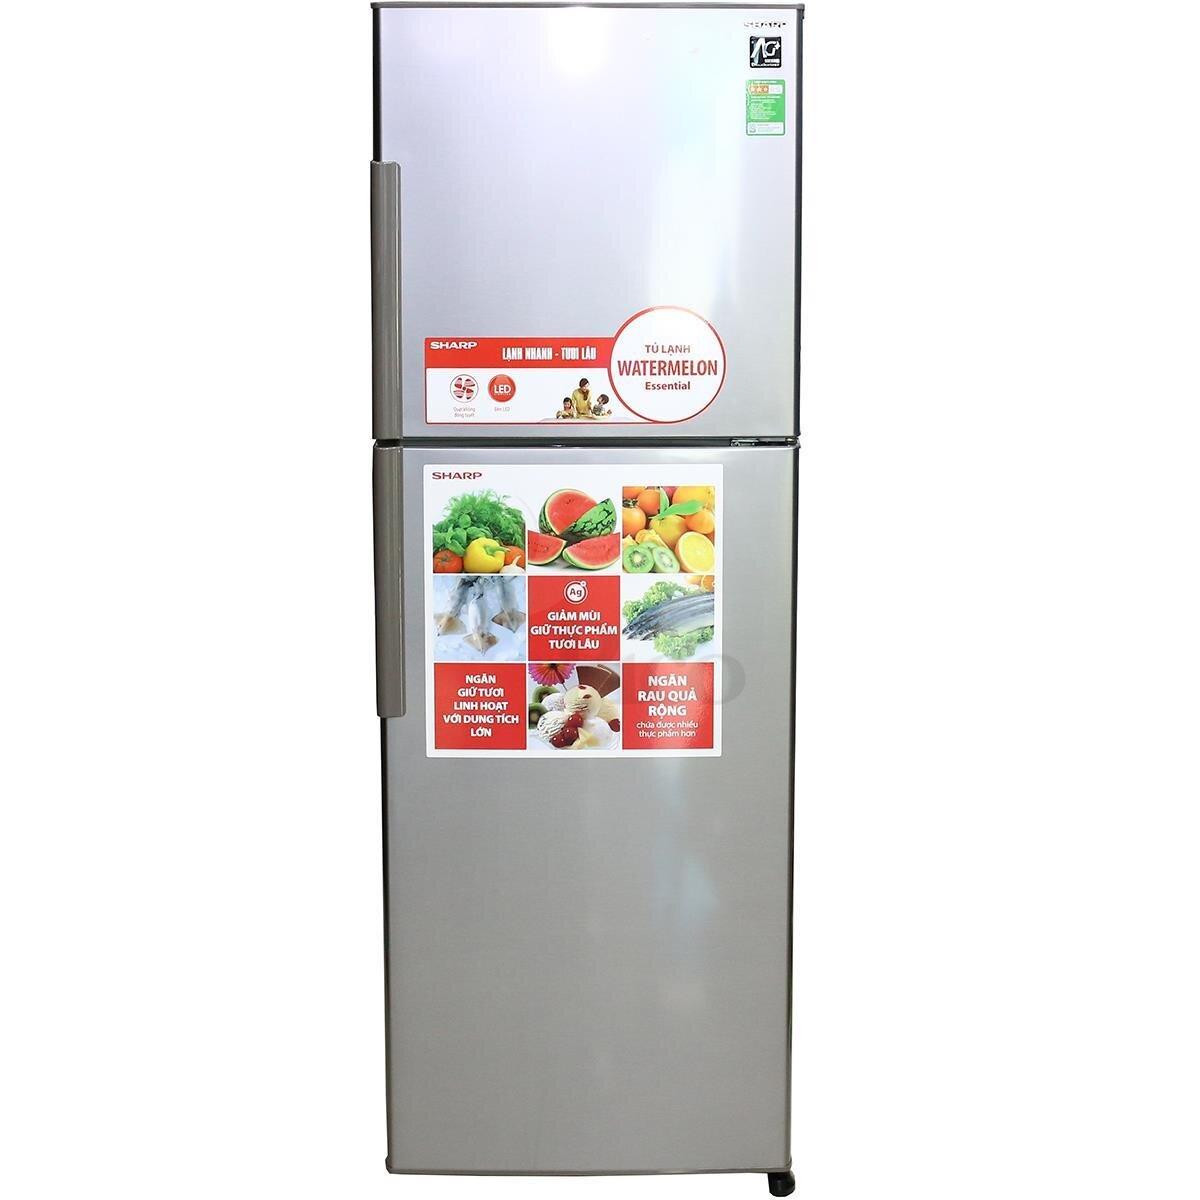 Bảng giá tủ lạnh Sharp rẻ nhất thị trường Tết Nguyên Đán 2018